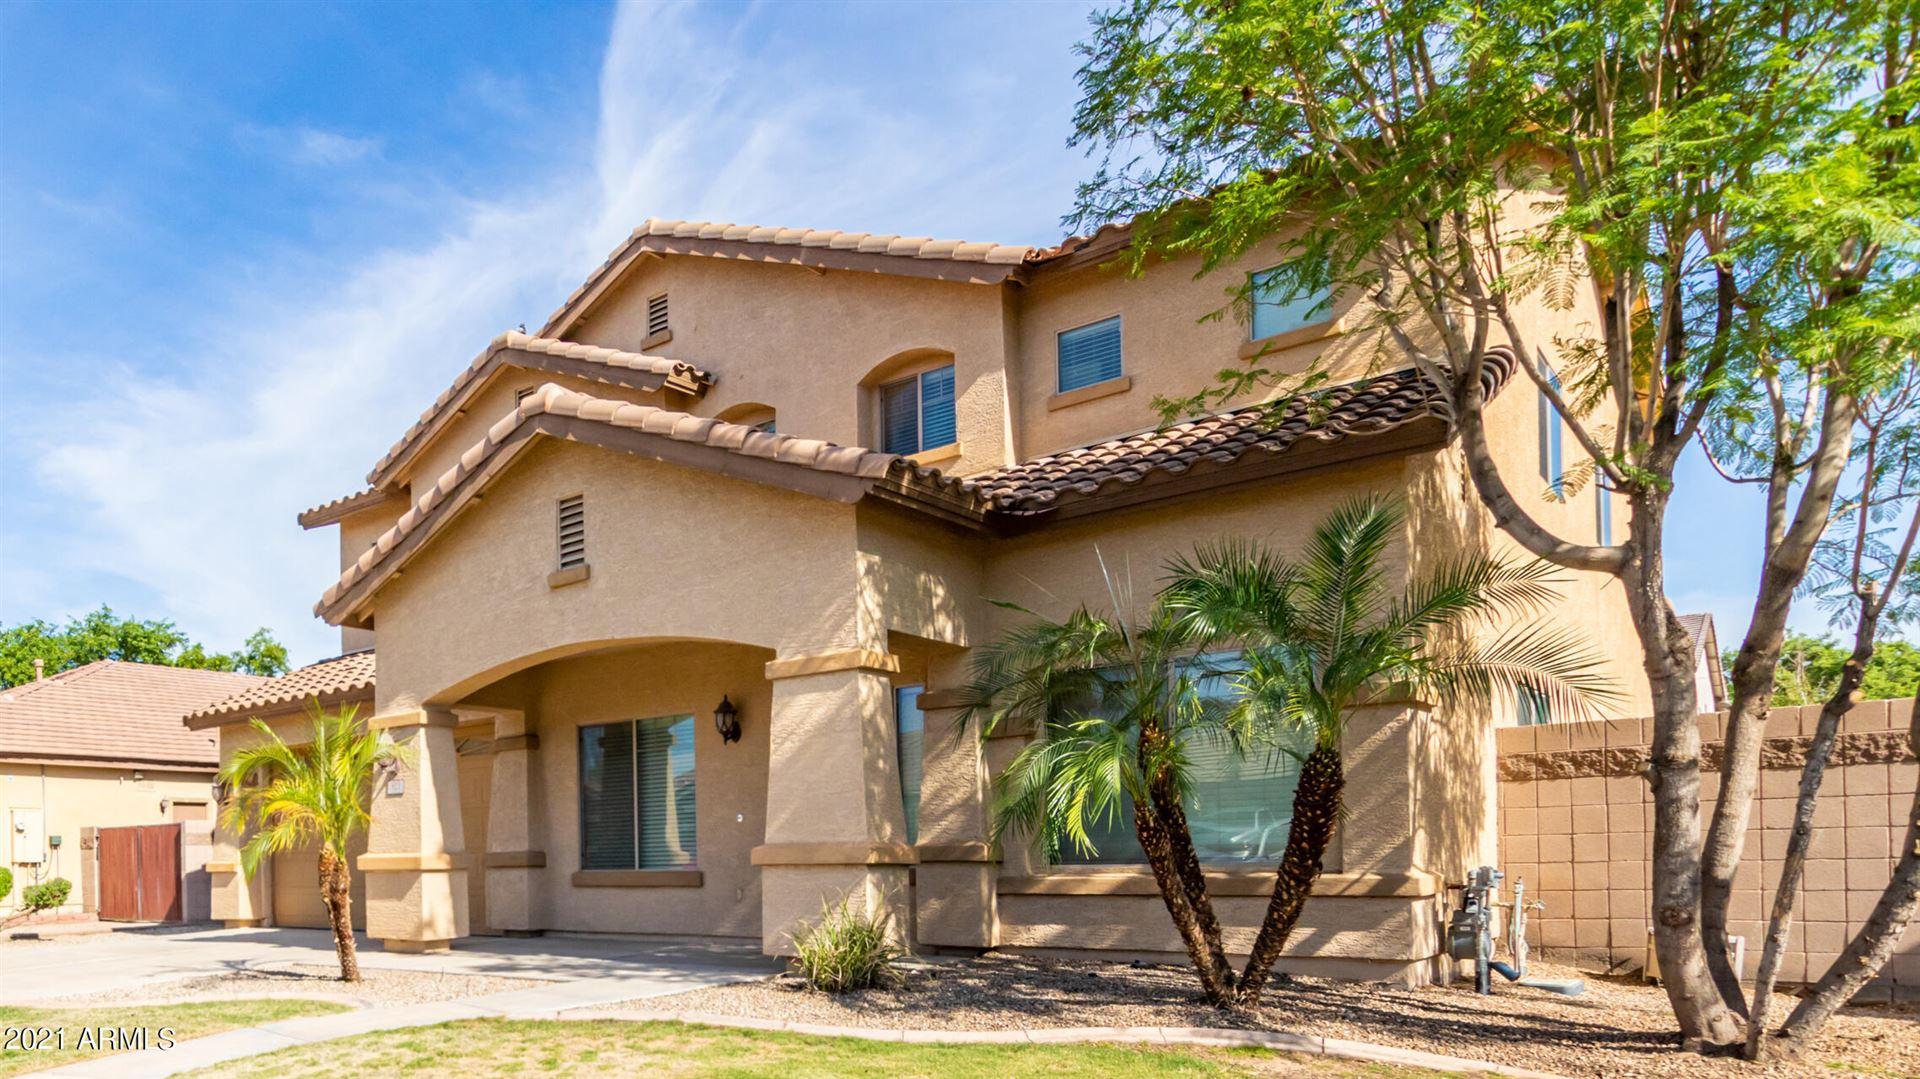 921 E MEGAN Drive, San Tan Valley, AZ 85140 - MLS#: 6268976